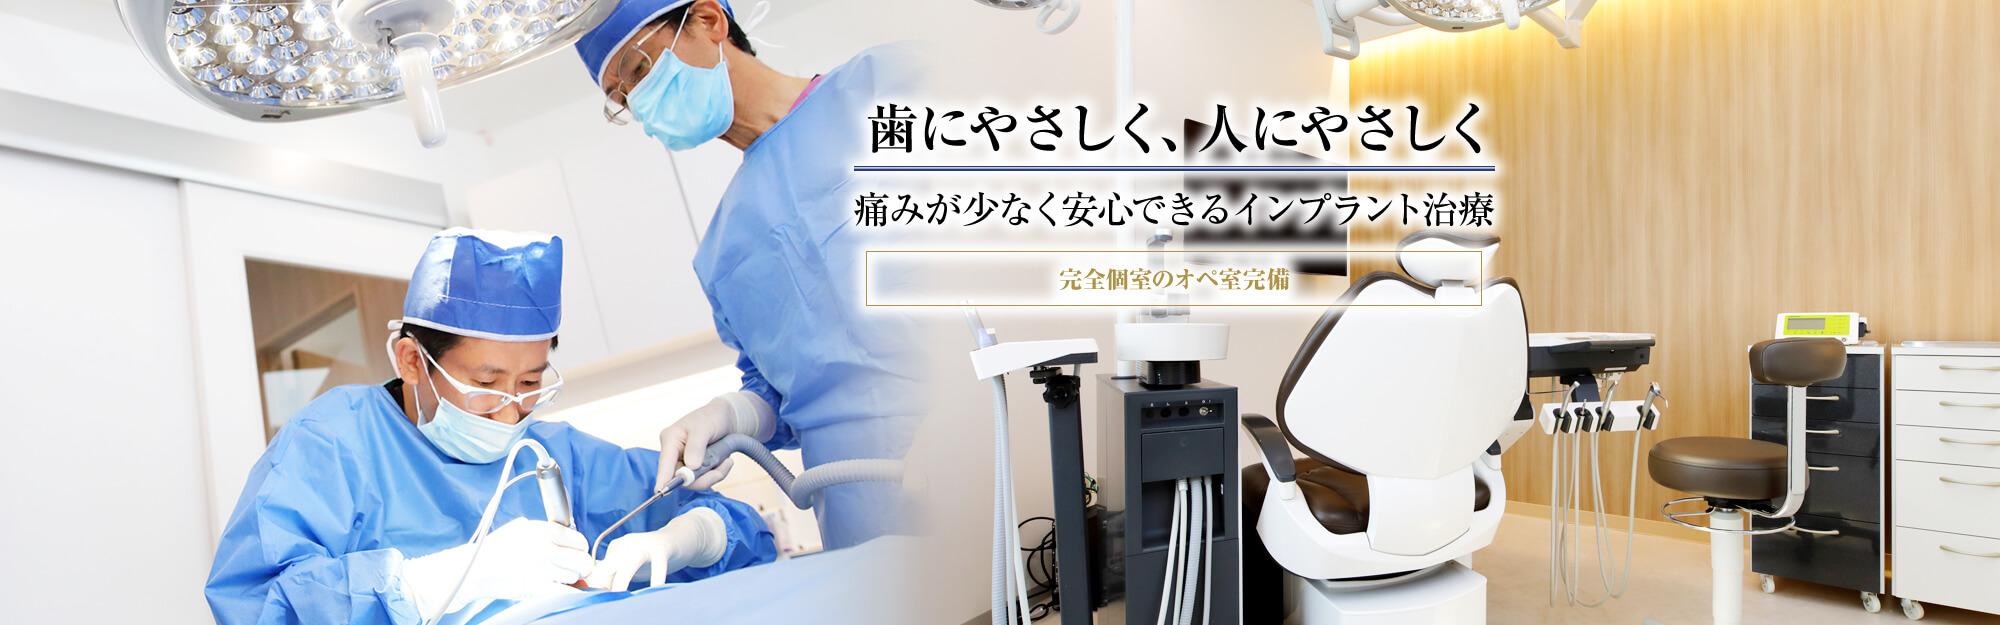 歯にやさしく、人にやさしく 痛みが少なく安心できるインプラント治療